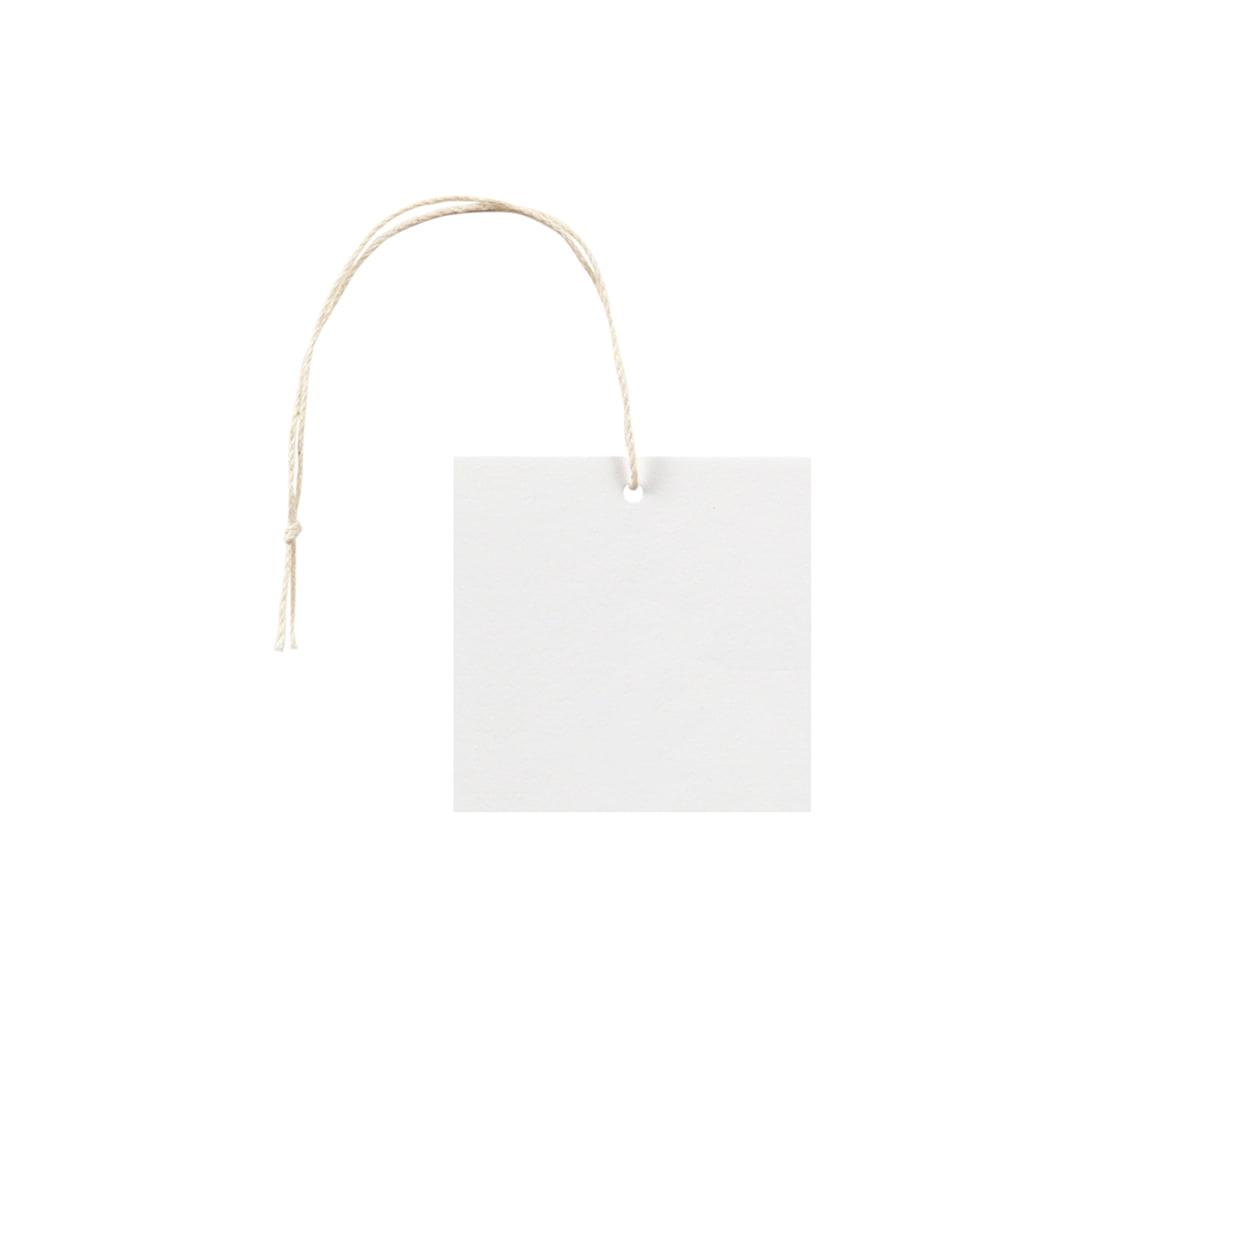 タグ55×55四角形 コットンスノーホワイト 232.8g タグ紐(細)コットン生成